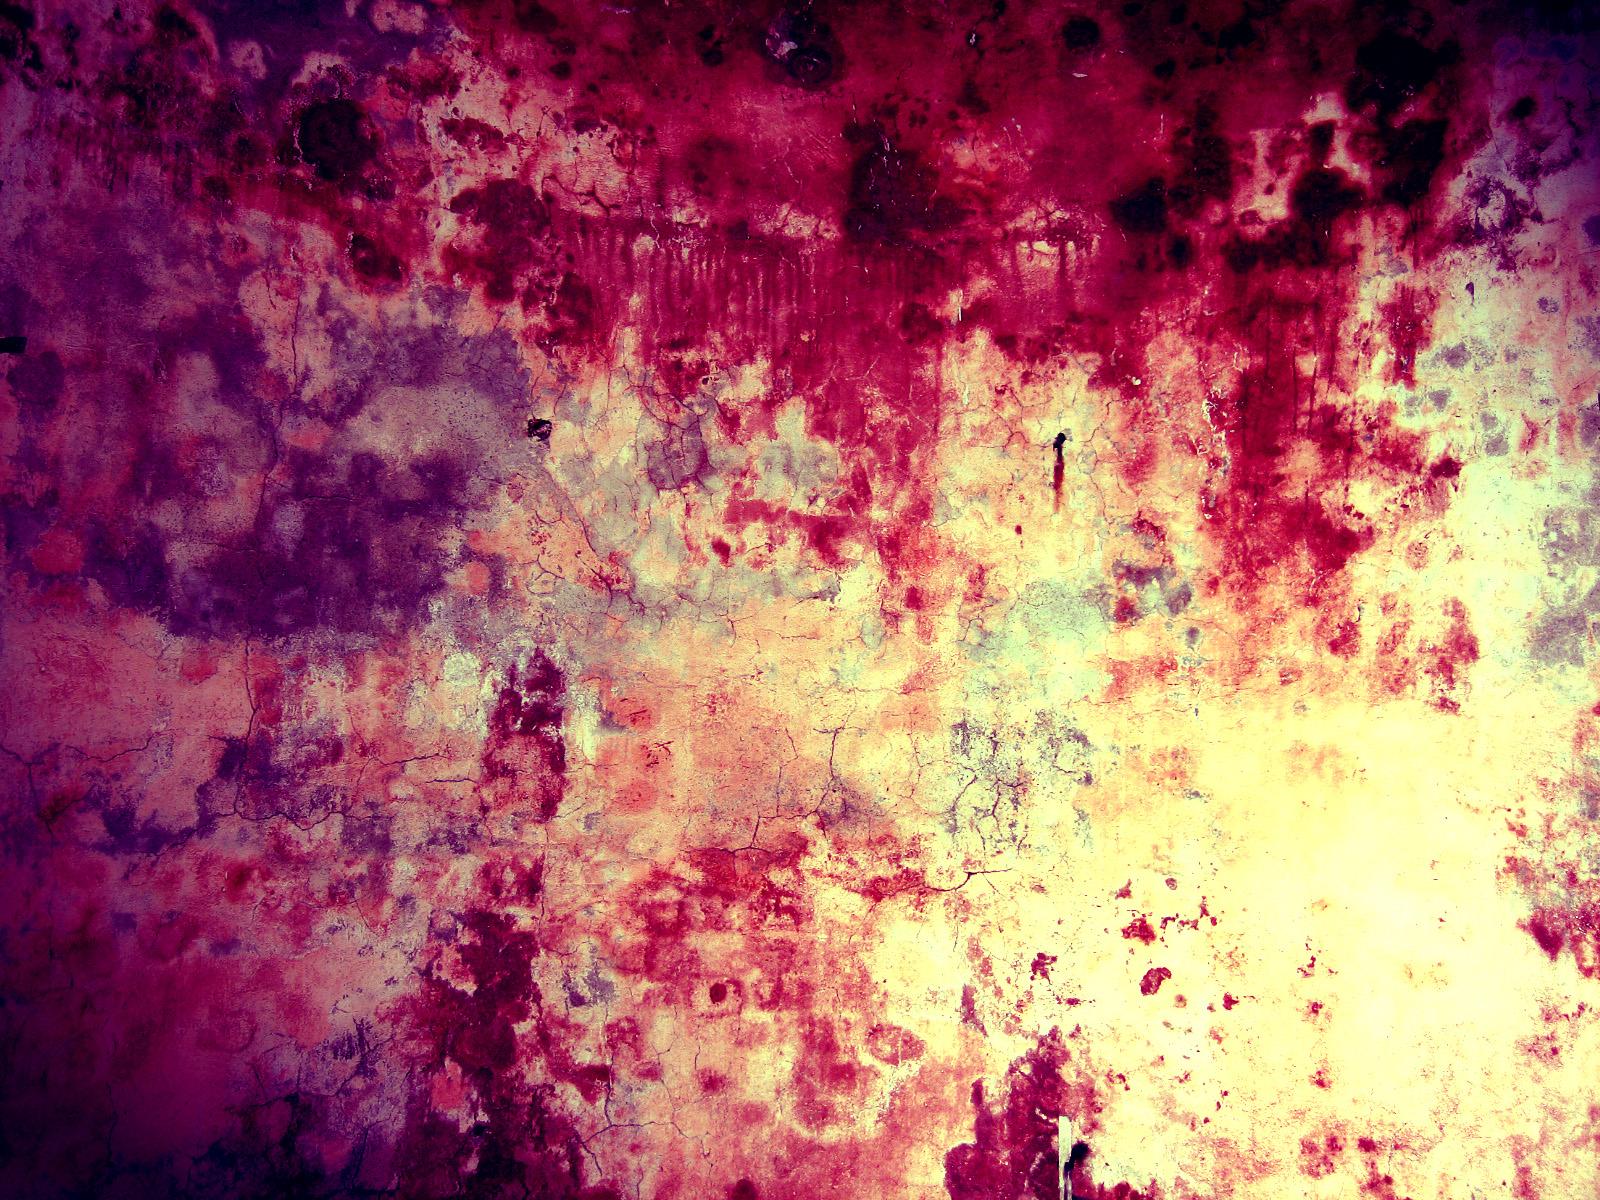 Grunge Wall by Amurrr